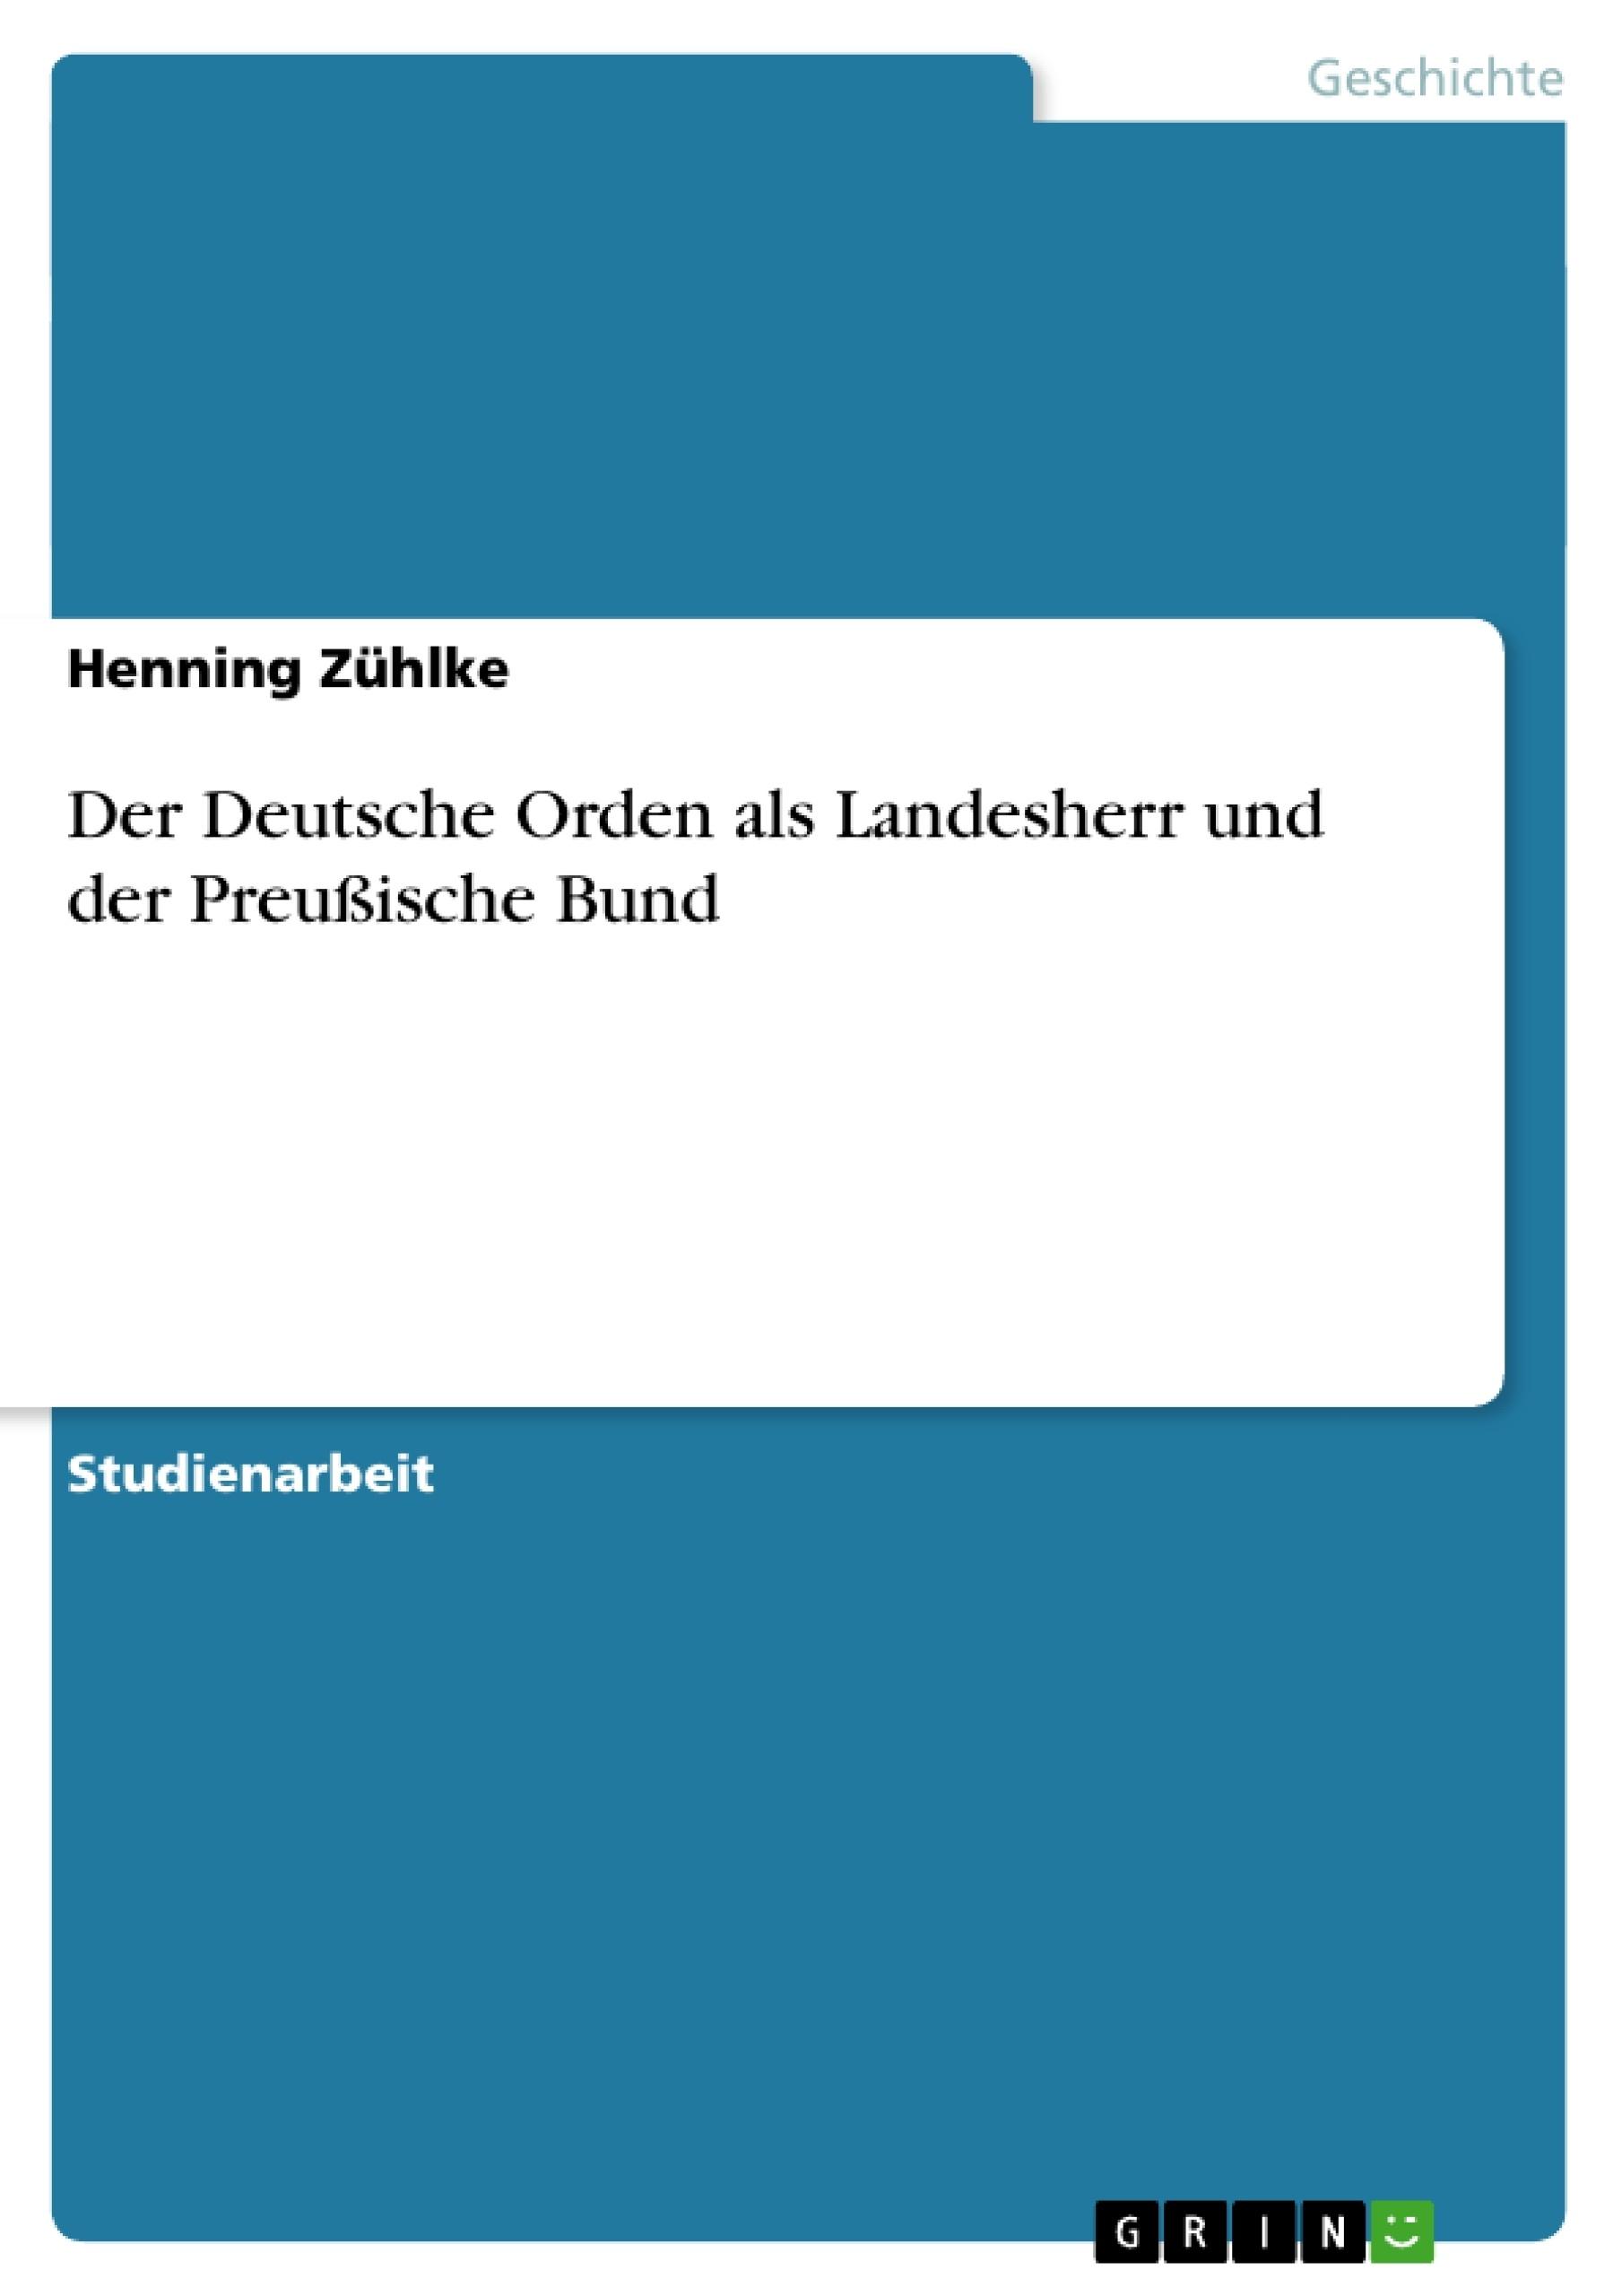 Titel: Der Deutsche Orden als Landesherr und der Preußische Bund